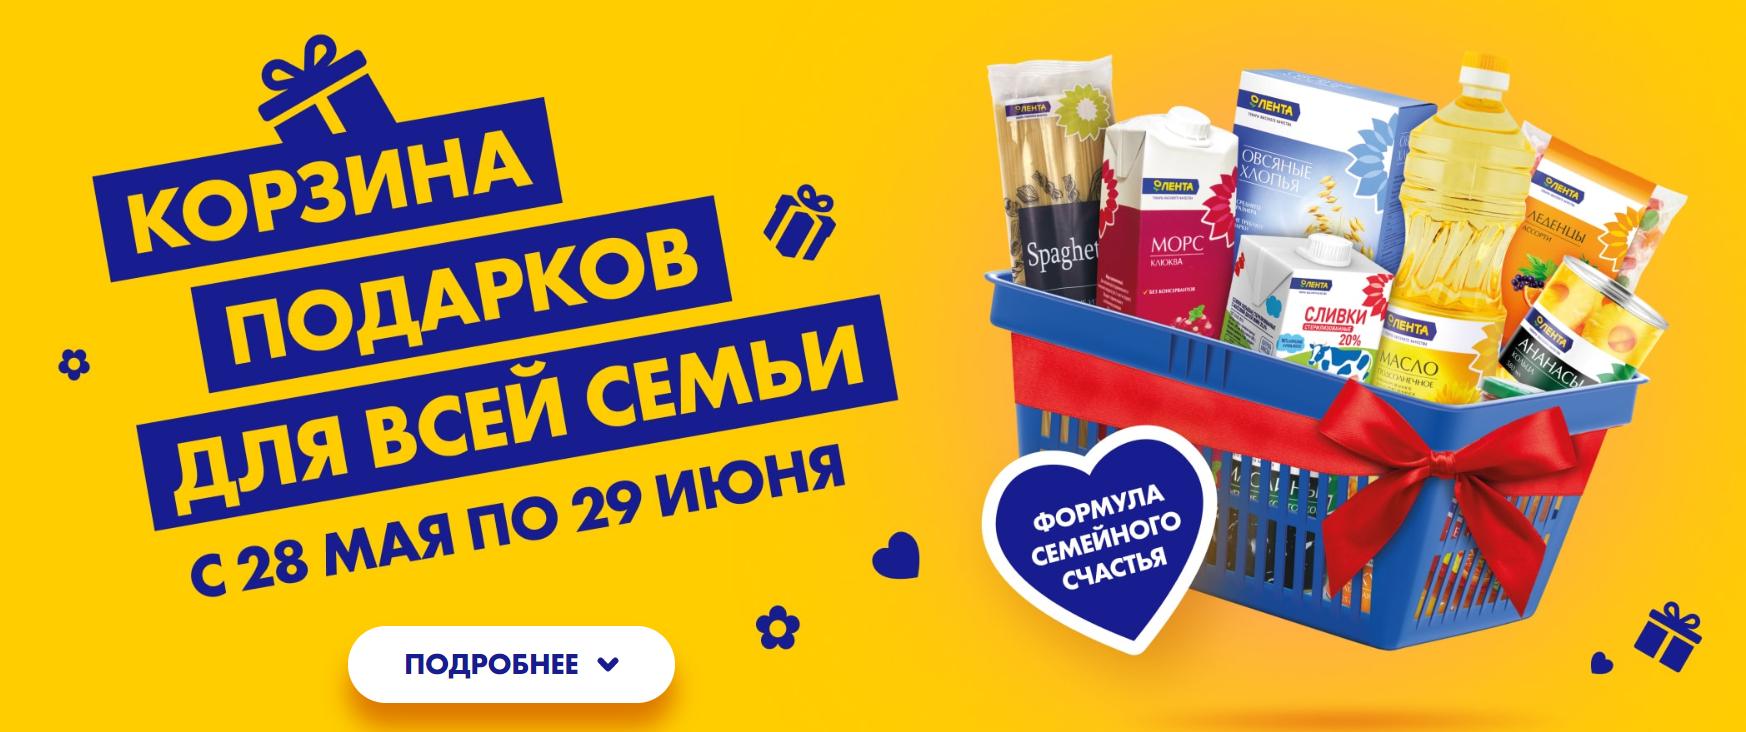 Акция Лента Корзина Подарков